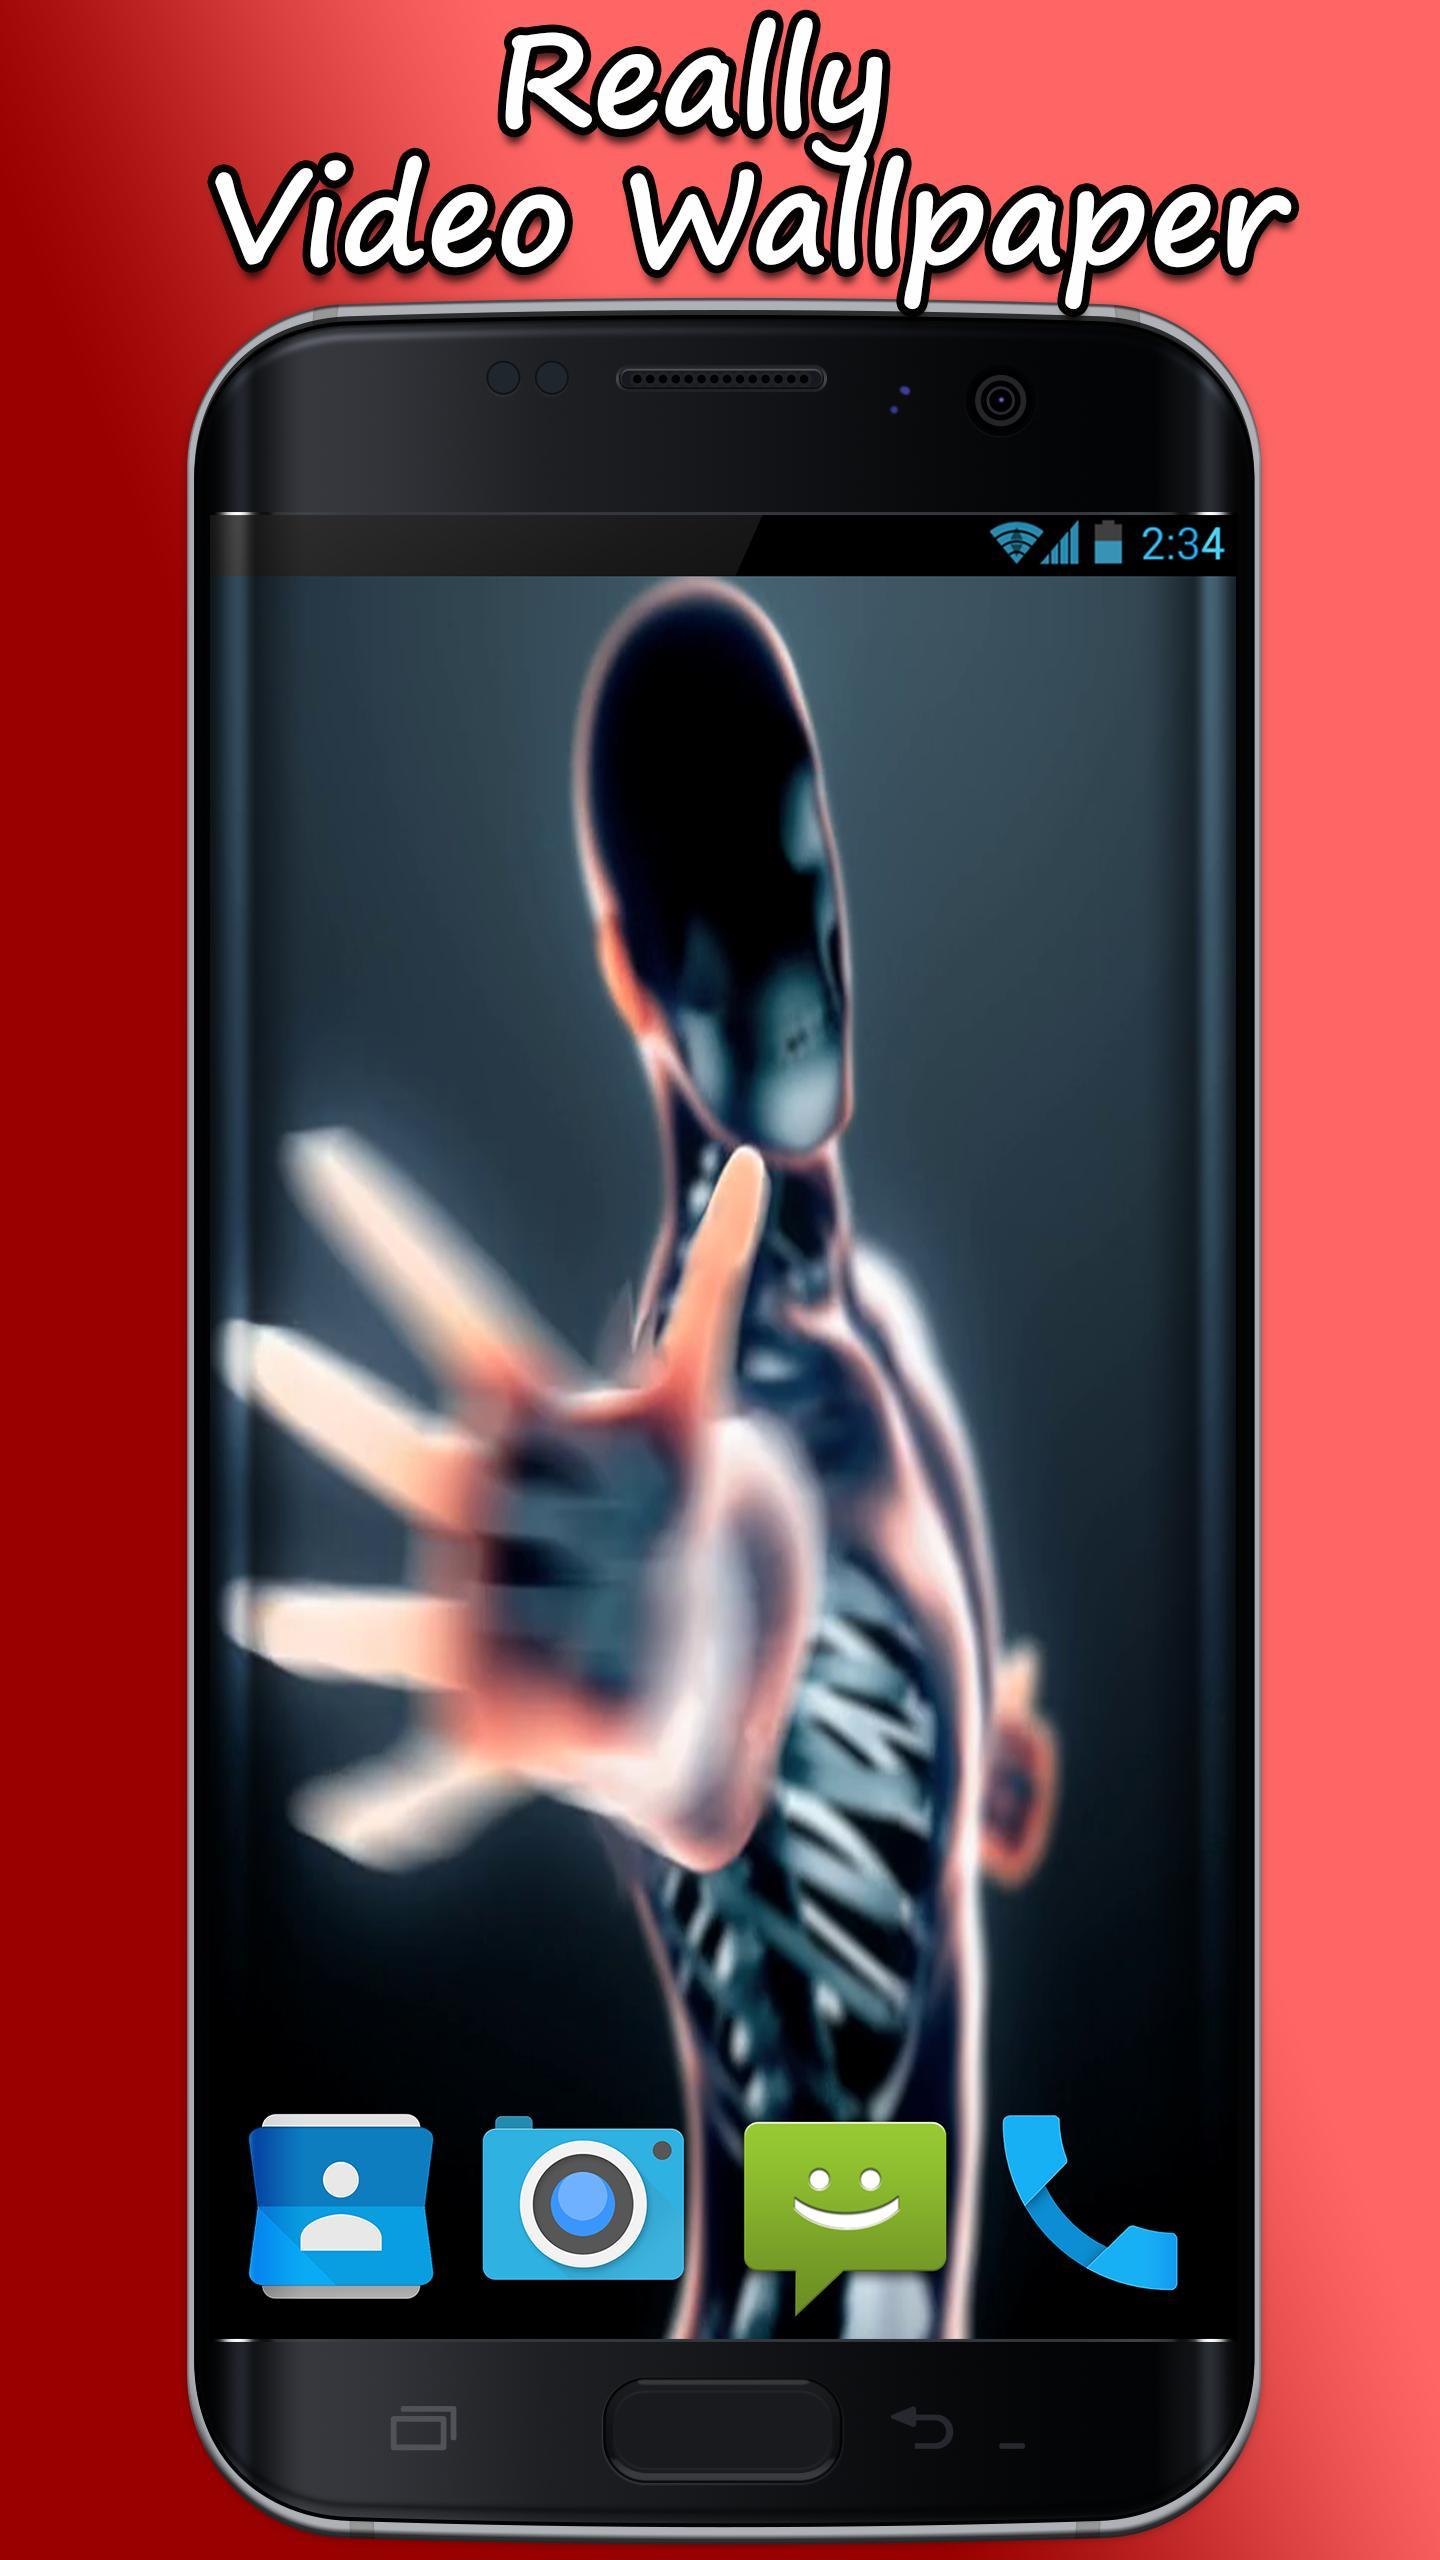 Android 用の スケルトンダンスライブ壁紙 Apk をダウンロード